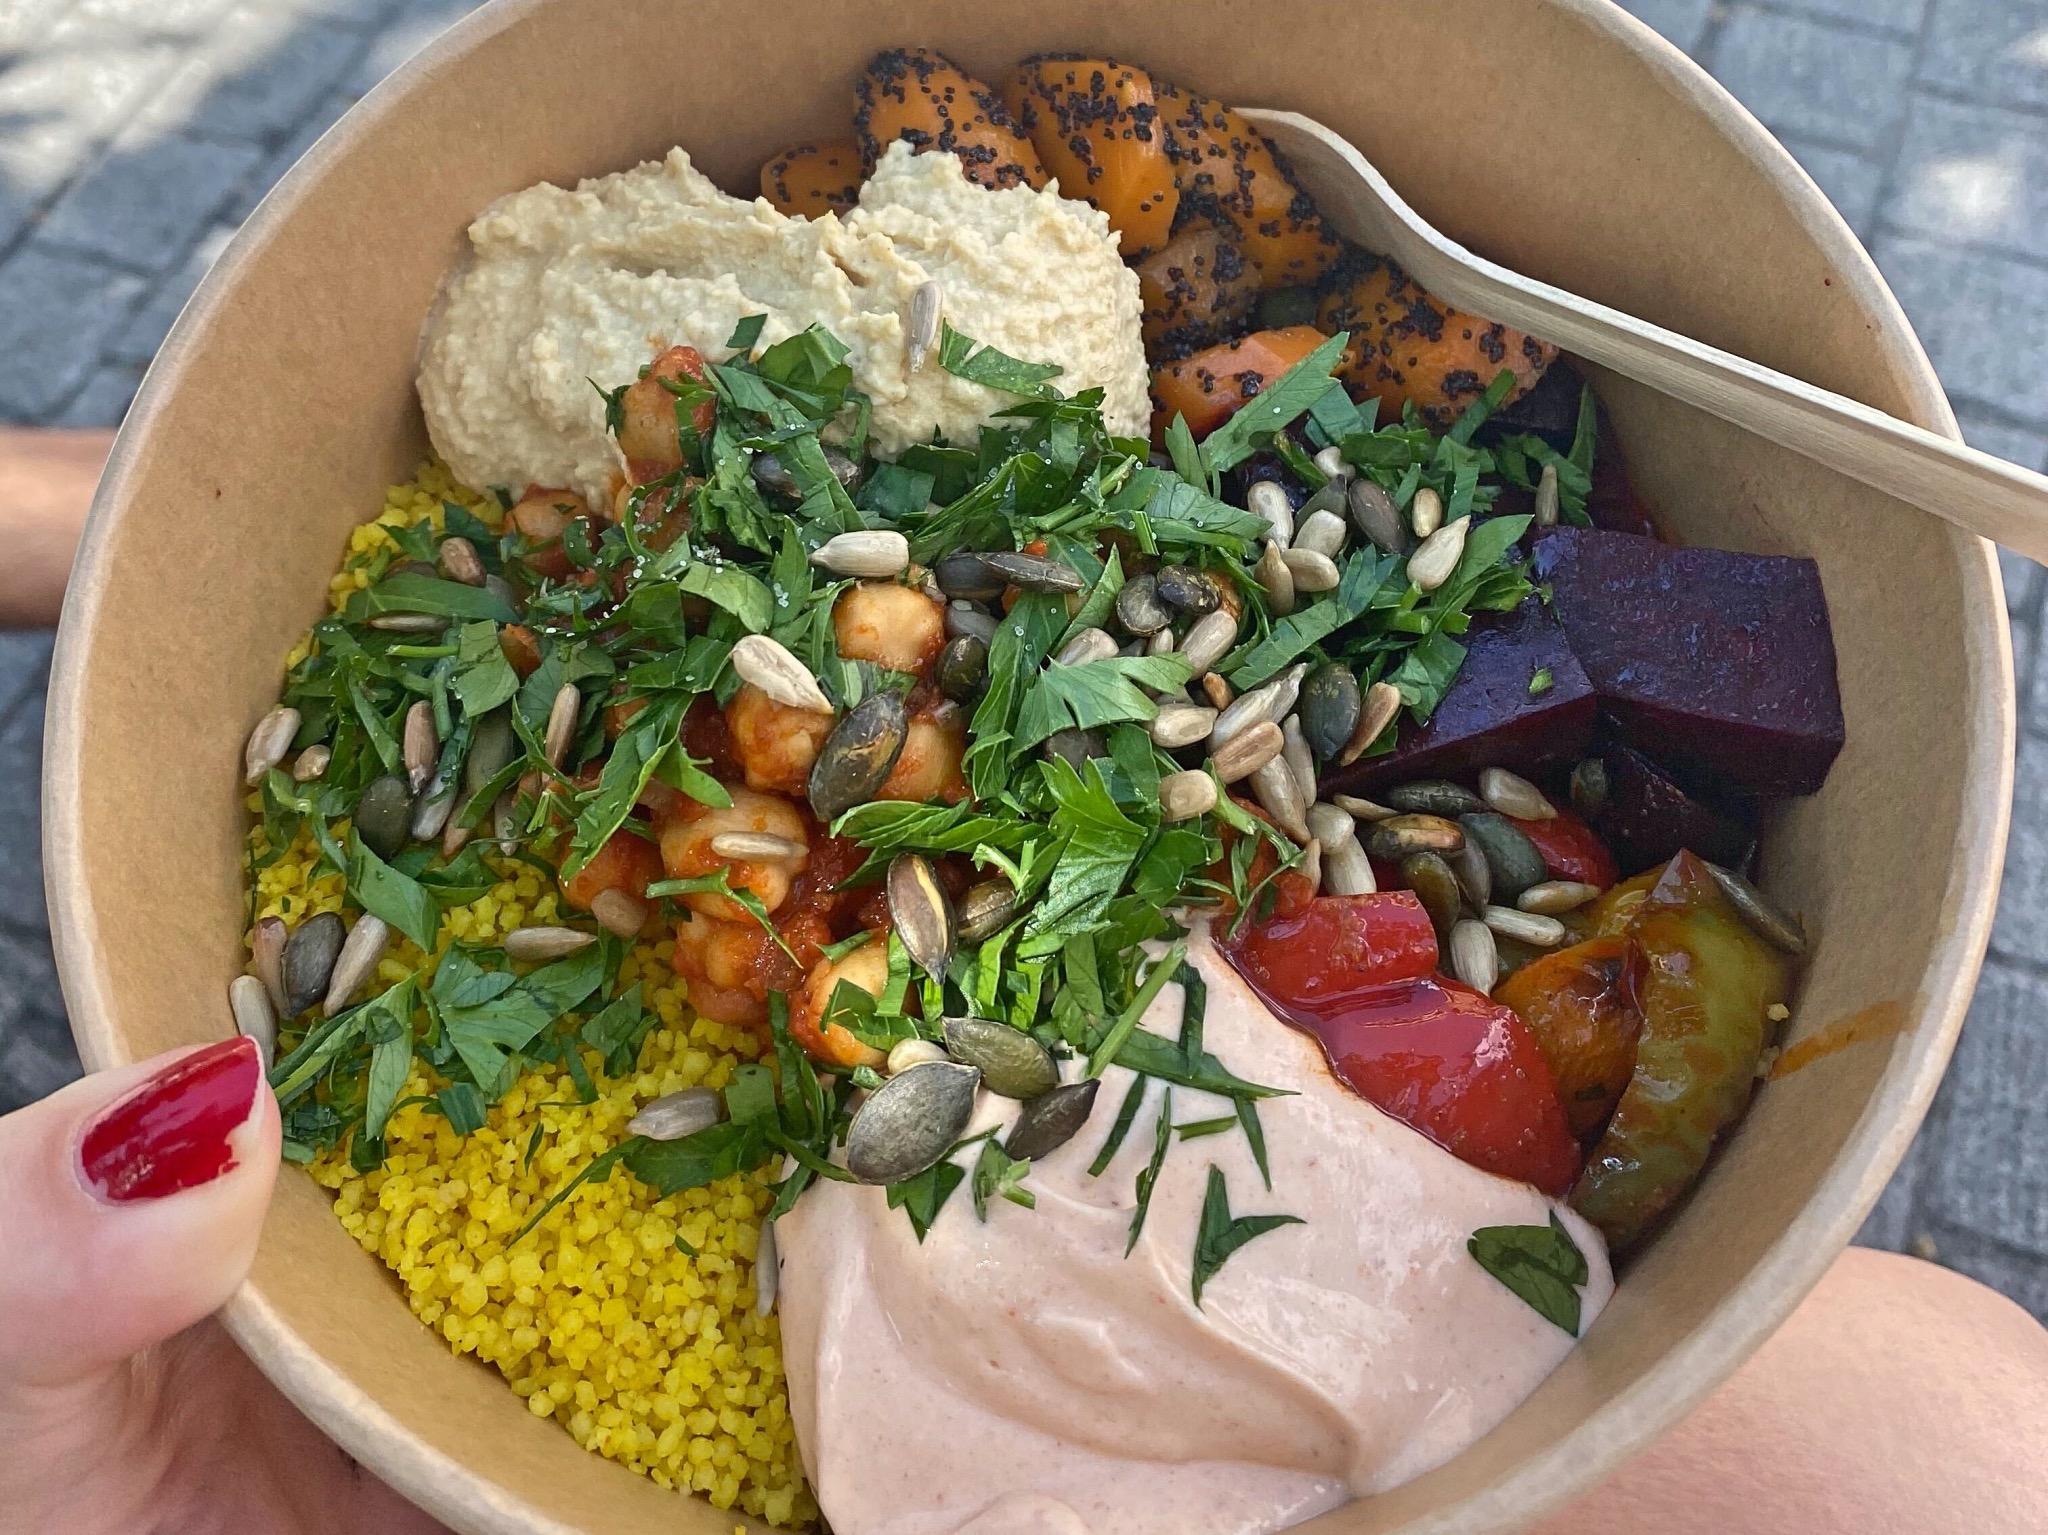 Leckere Bowls gibt es bei Happy Street Kitchen. Foto: Jessica Hänse